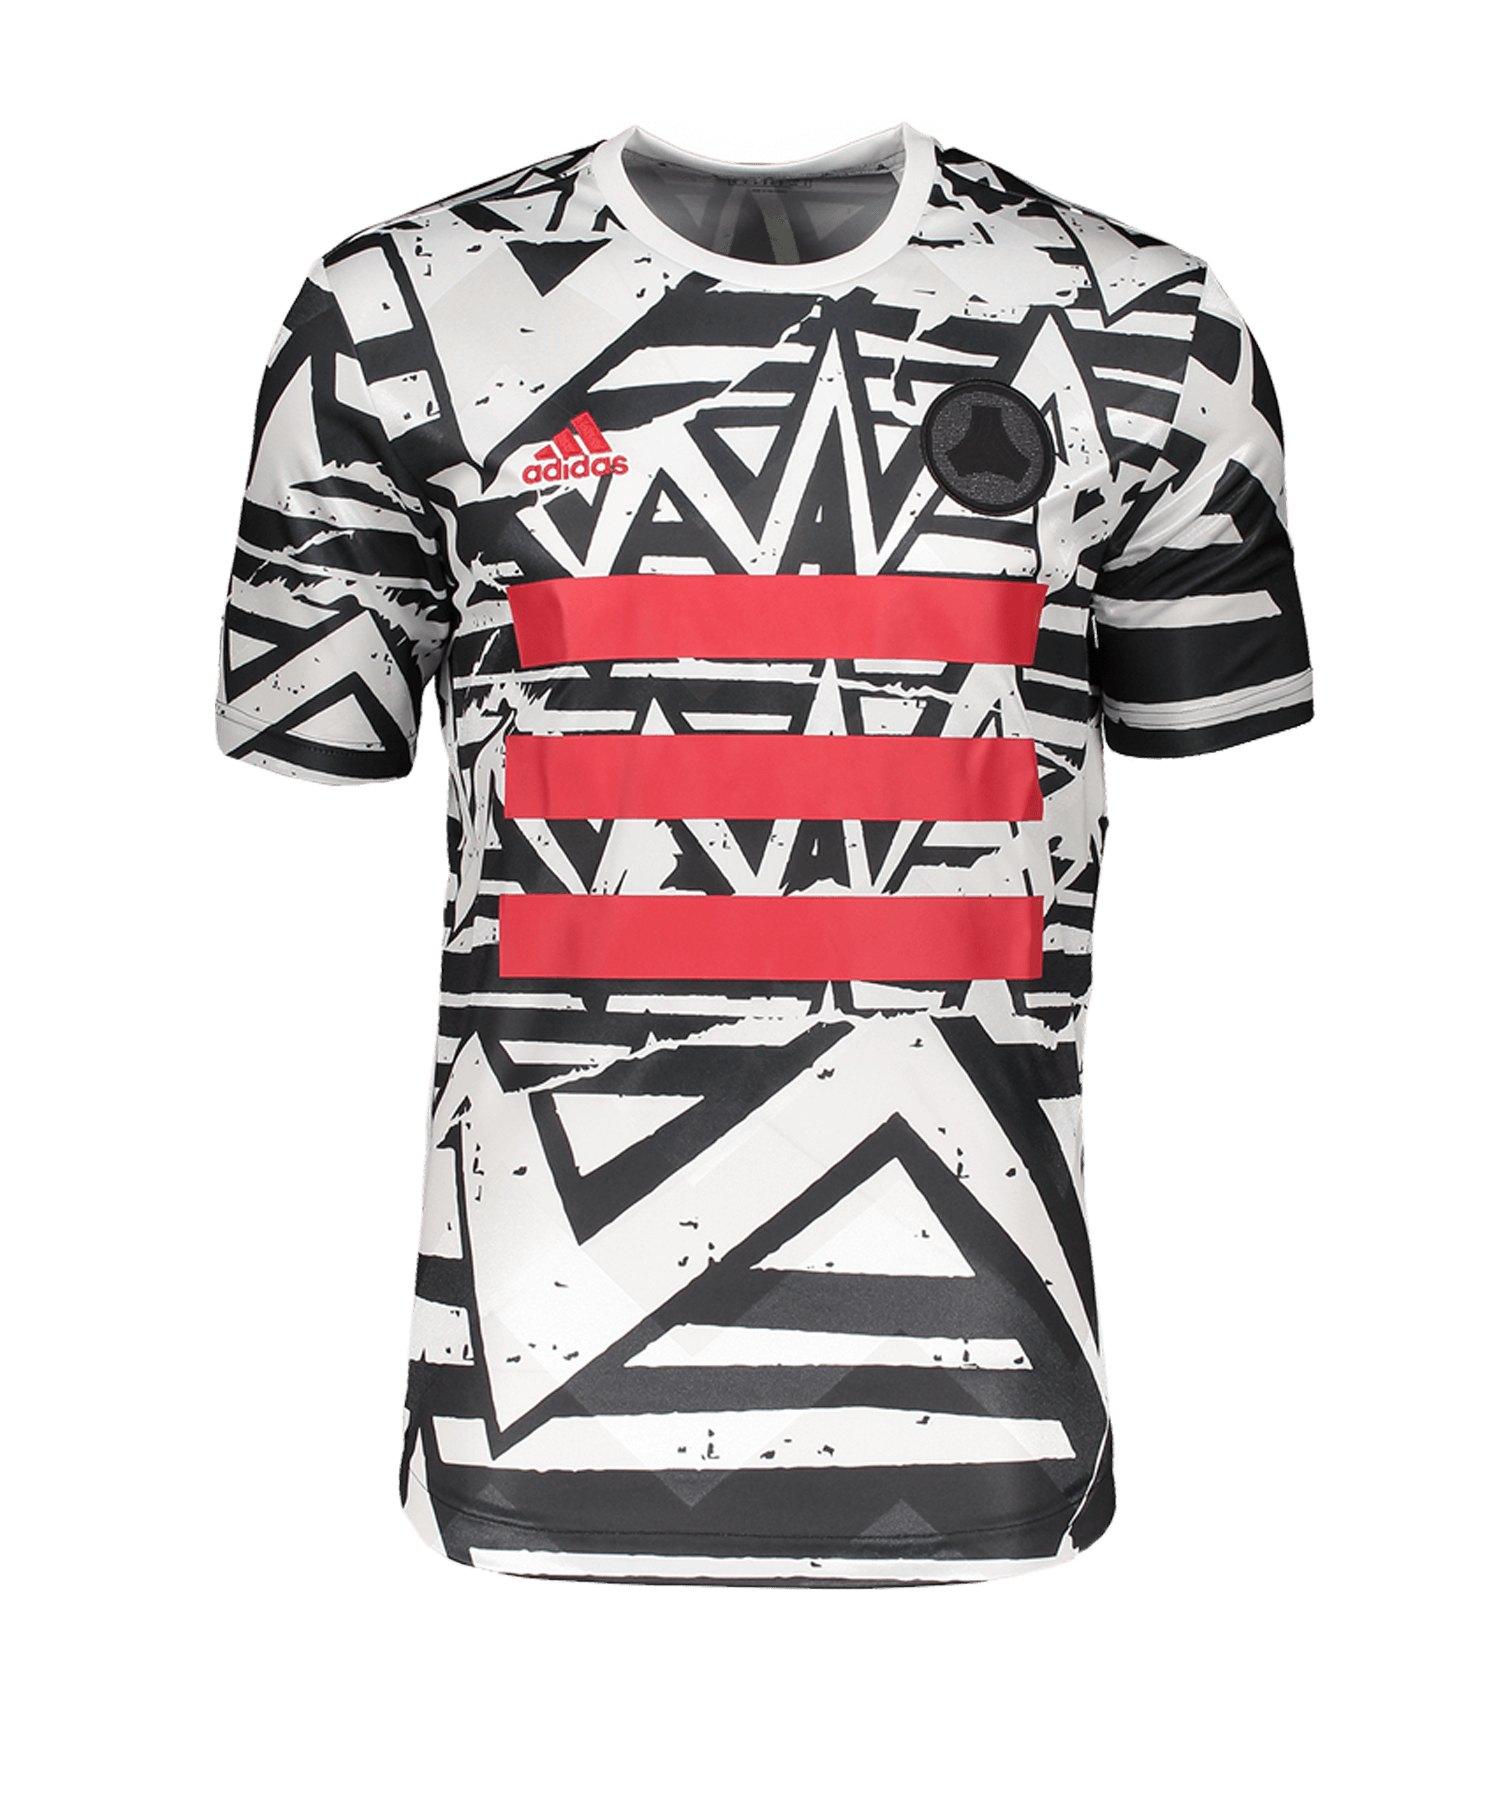 adidas Tango T-Shirt Weiss Schwarz - weiss